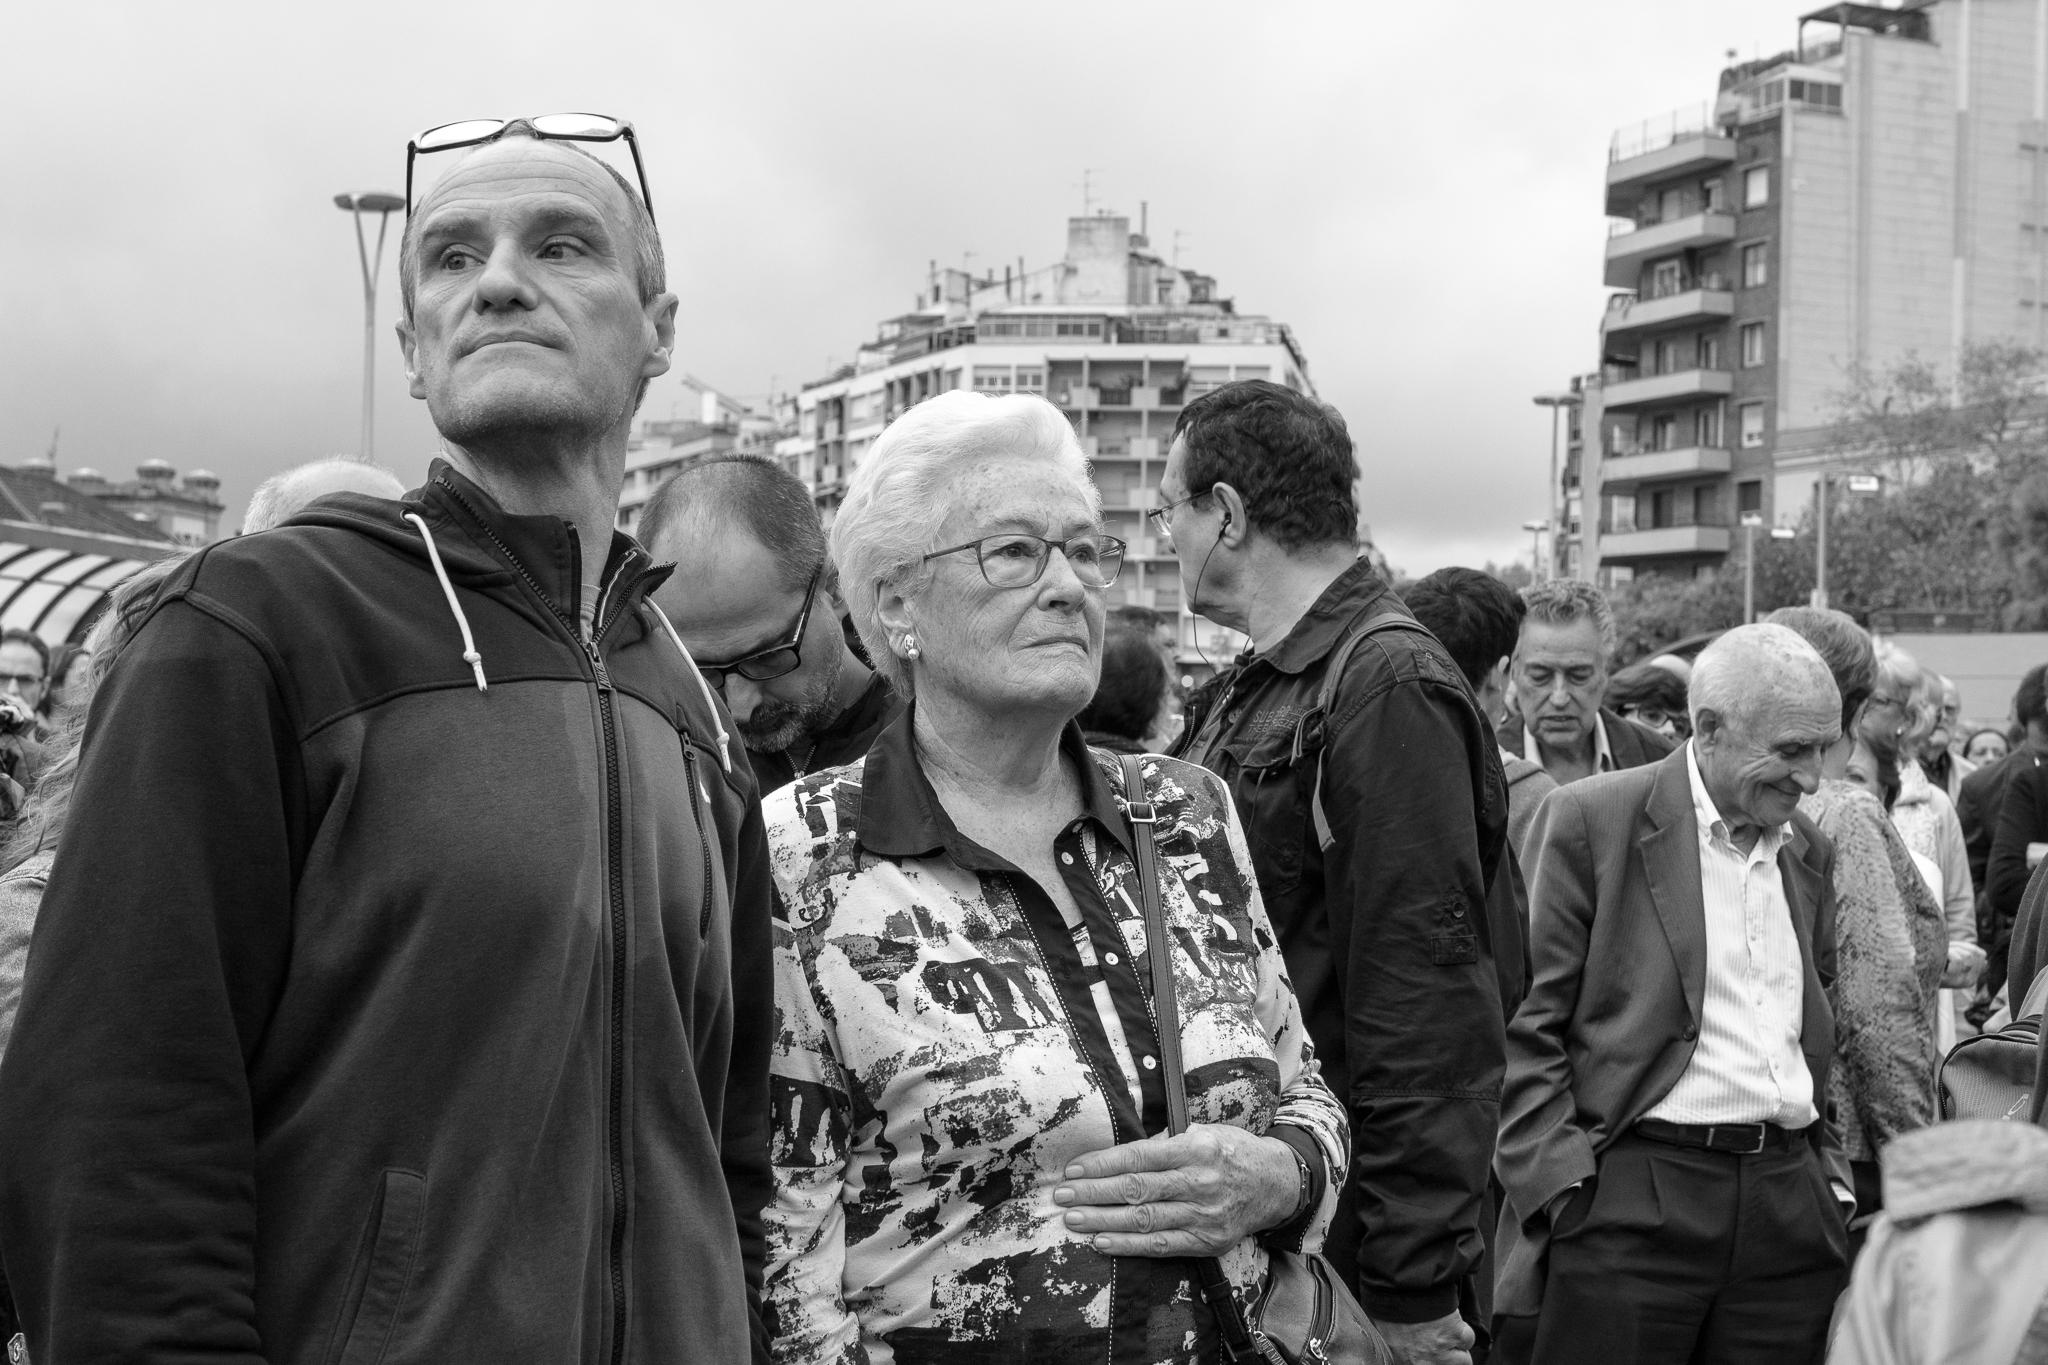 El referéndum de independencia de Catalunya, también conocido como 1-O, fue un referéndum de autodeterminación que se realizó el primer día de Octubre de 2017.</br></br>Aunque avalado por los Pactos Internacionales de Derechos Humanos y diversas resoluciones de la Asamblea General de la ONU, fue prohibido por el bloque reaccionario del Gobierno de España, concretándose en una suspensión por parte del Tribunal Constitucional. </br></br>El referéndum, que trató de ser impedido por medio de los más de 10.000 agentes antidisturbios que el gobierno conservador acumuló en Catalunya, y que terminó con más de 1.000 manifestantes heridos y hospitalizados debido a la desmedida brutalidad policial, fue llevado a cabo con una participación de 2.286.217 de personas (43.03%) en la que el 'Sí' a la independencia ganó con un 90% de los votos a favor. </br></br>Como medida de protesta por la violencia policial y la criminal actuación por parte del gobierno central, la población catalana respondió convocando una huelga general, diferentes manifestaciones y masivas movilizaciones ciudadanas en las cuales se utilizaba la X como símbolo de lo que fue su represión y silenciación.